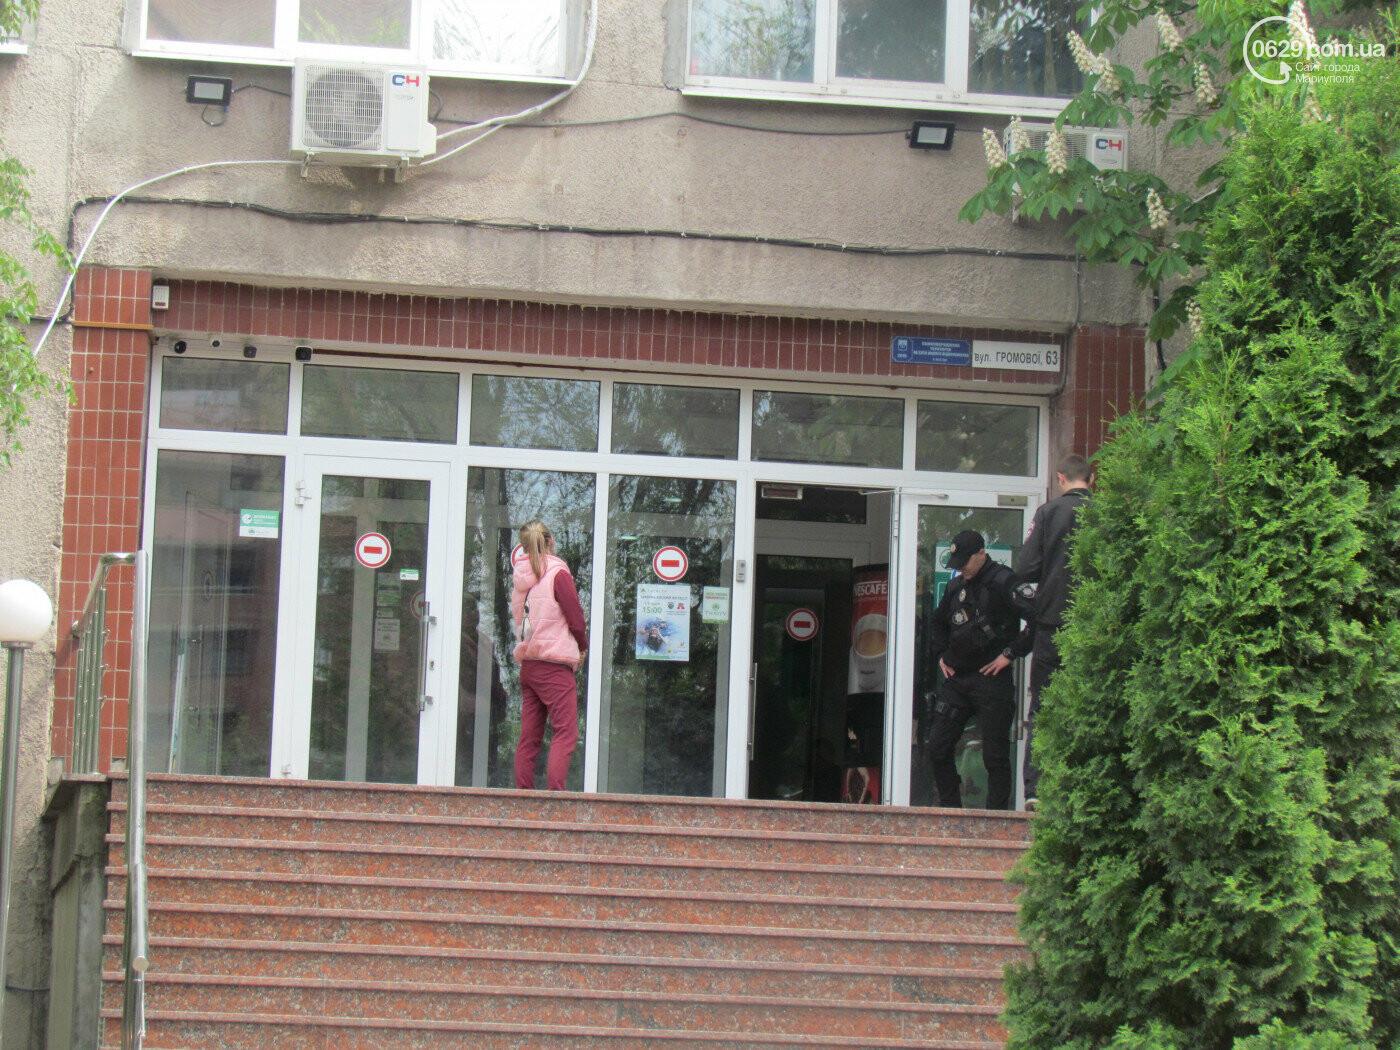 """В компании """"Тринити"""" объяснили, какие действия проводились киберполицией, фото-2"""